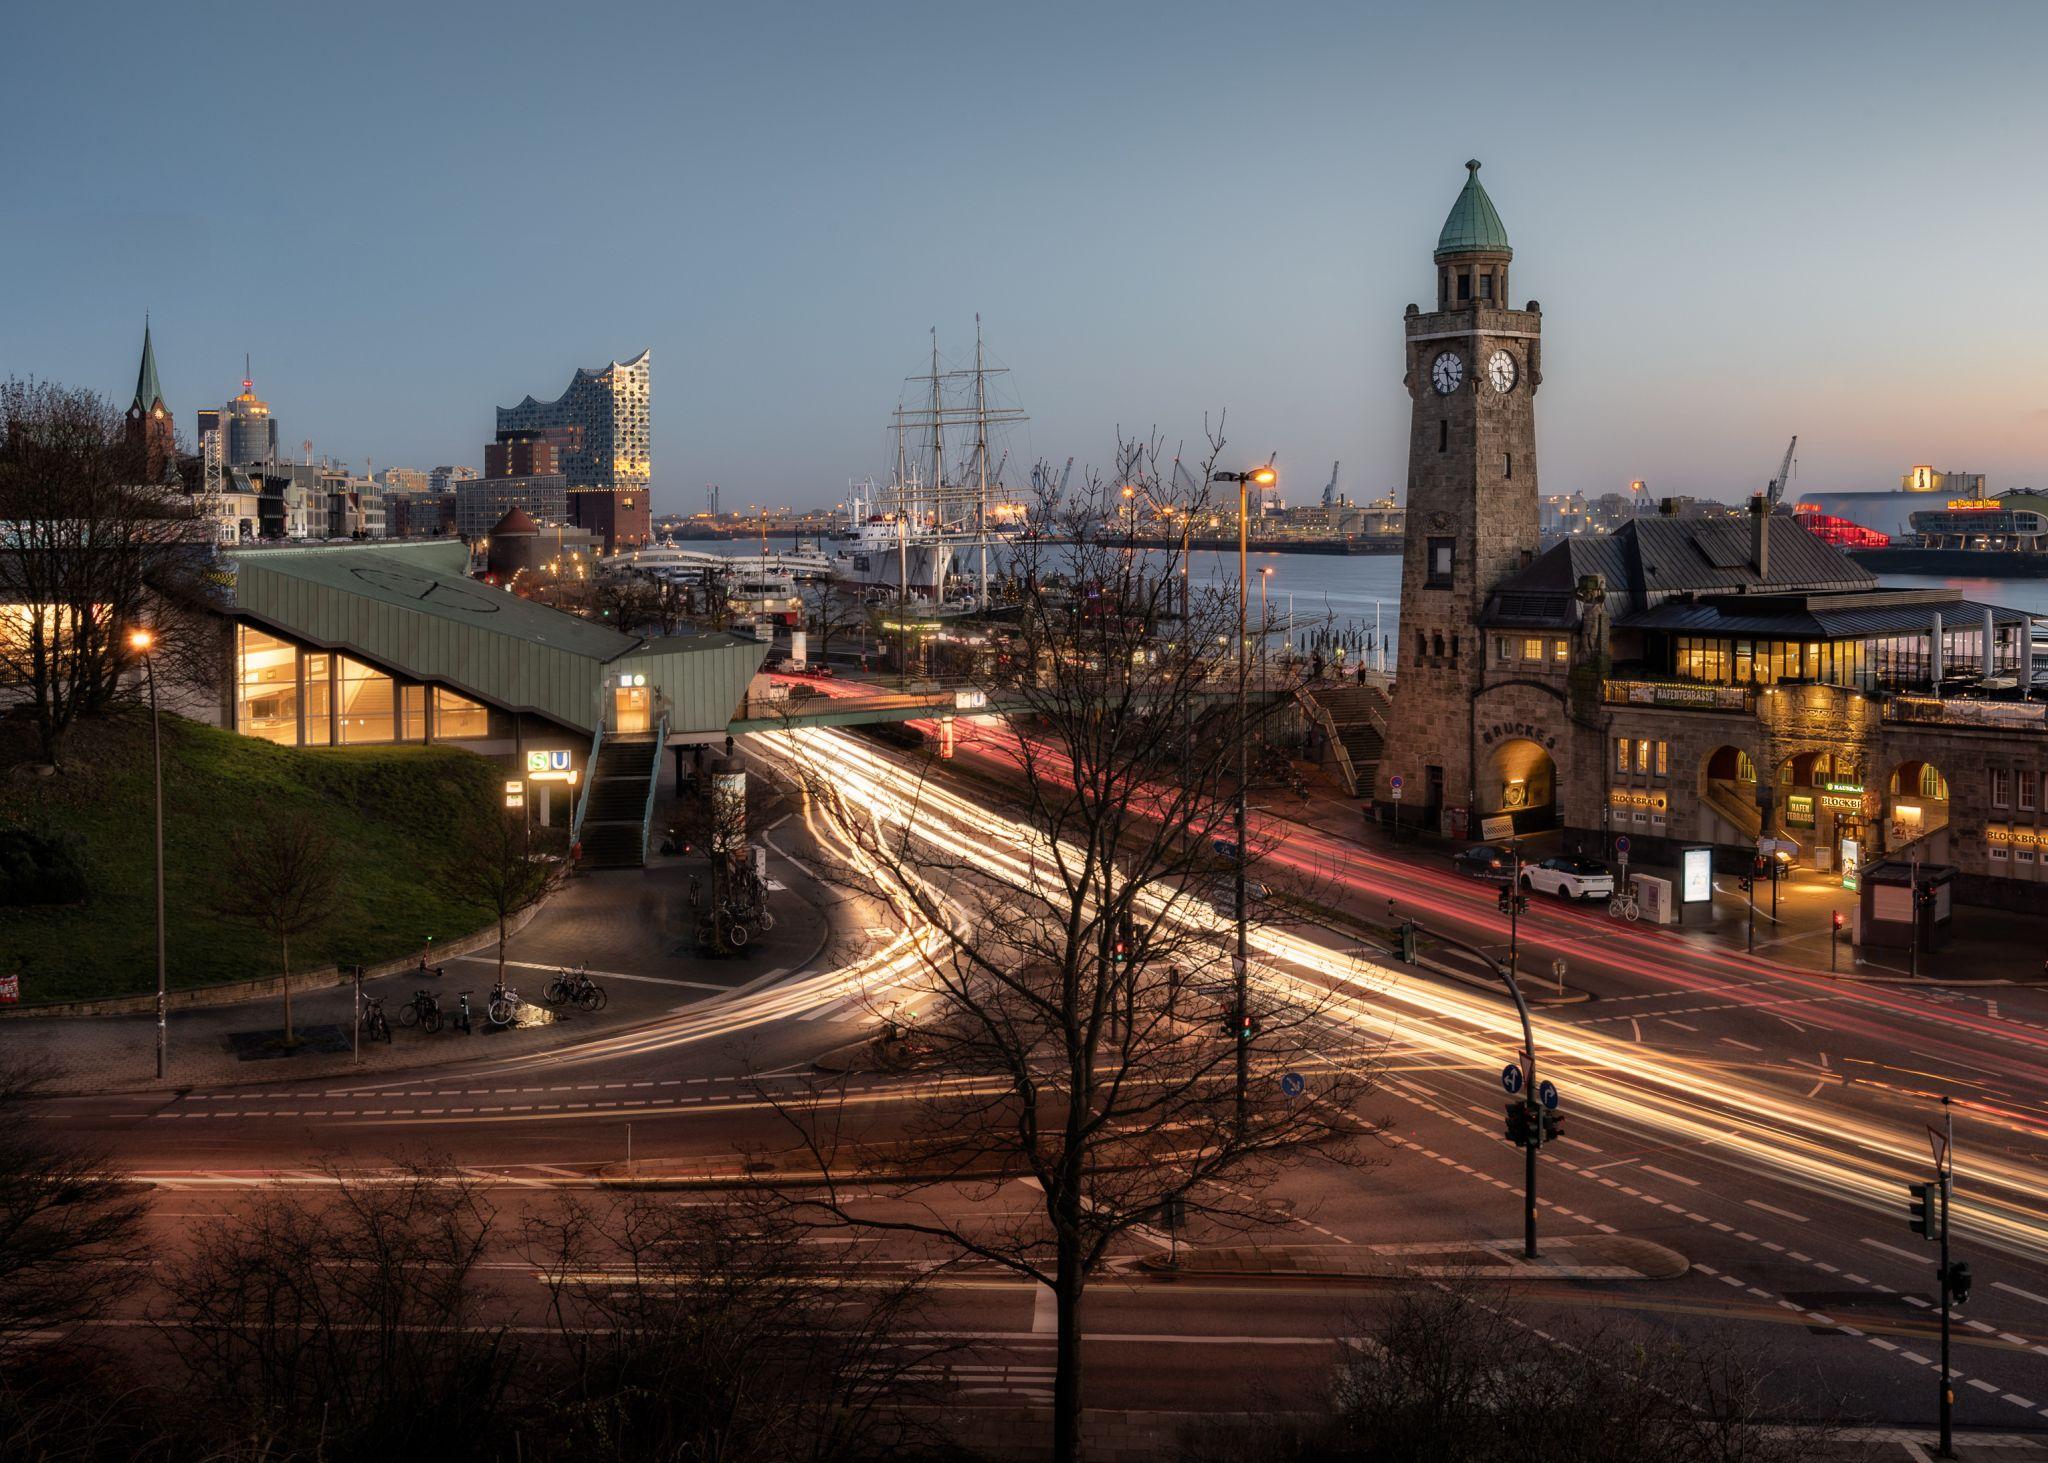 Landungsbrücken und Elbphilharmonie, Germany